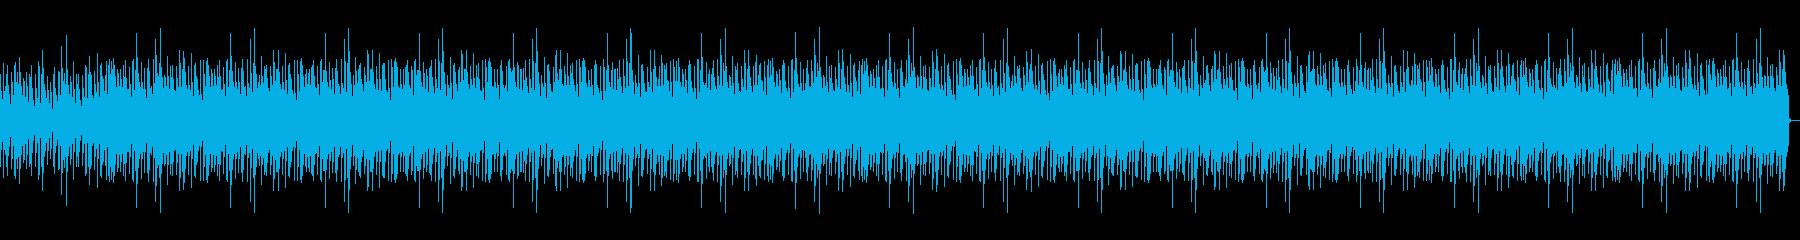 平和でほのぼのした雰囲気のBGMの再生済みの波形